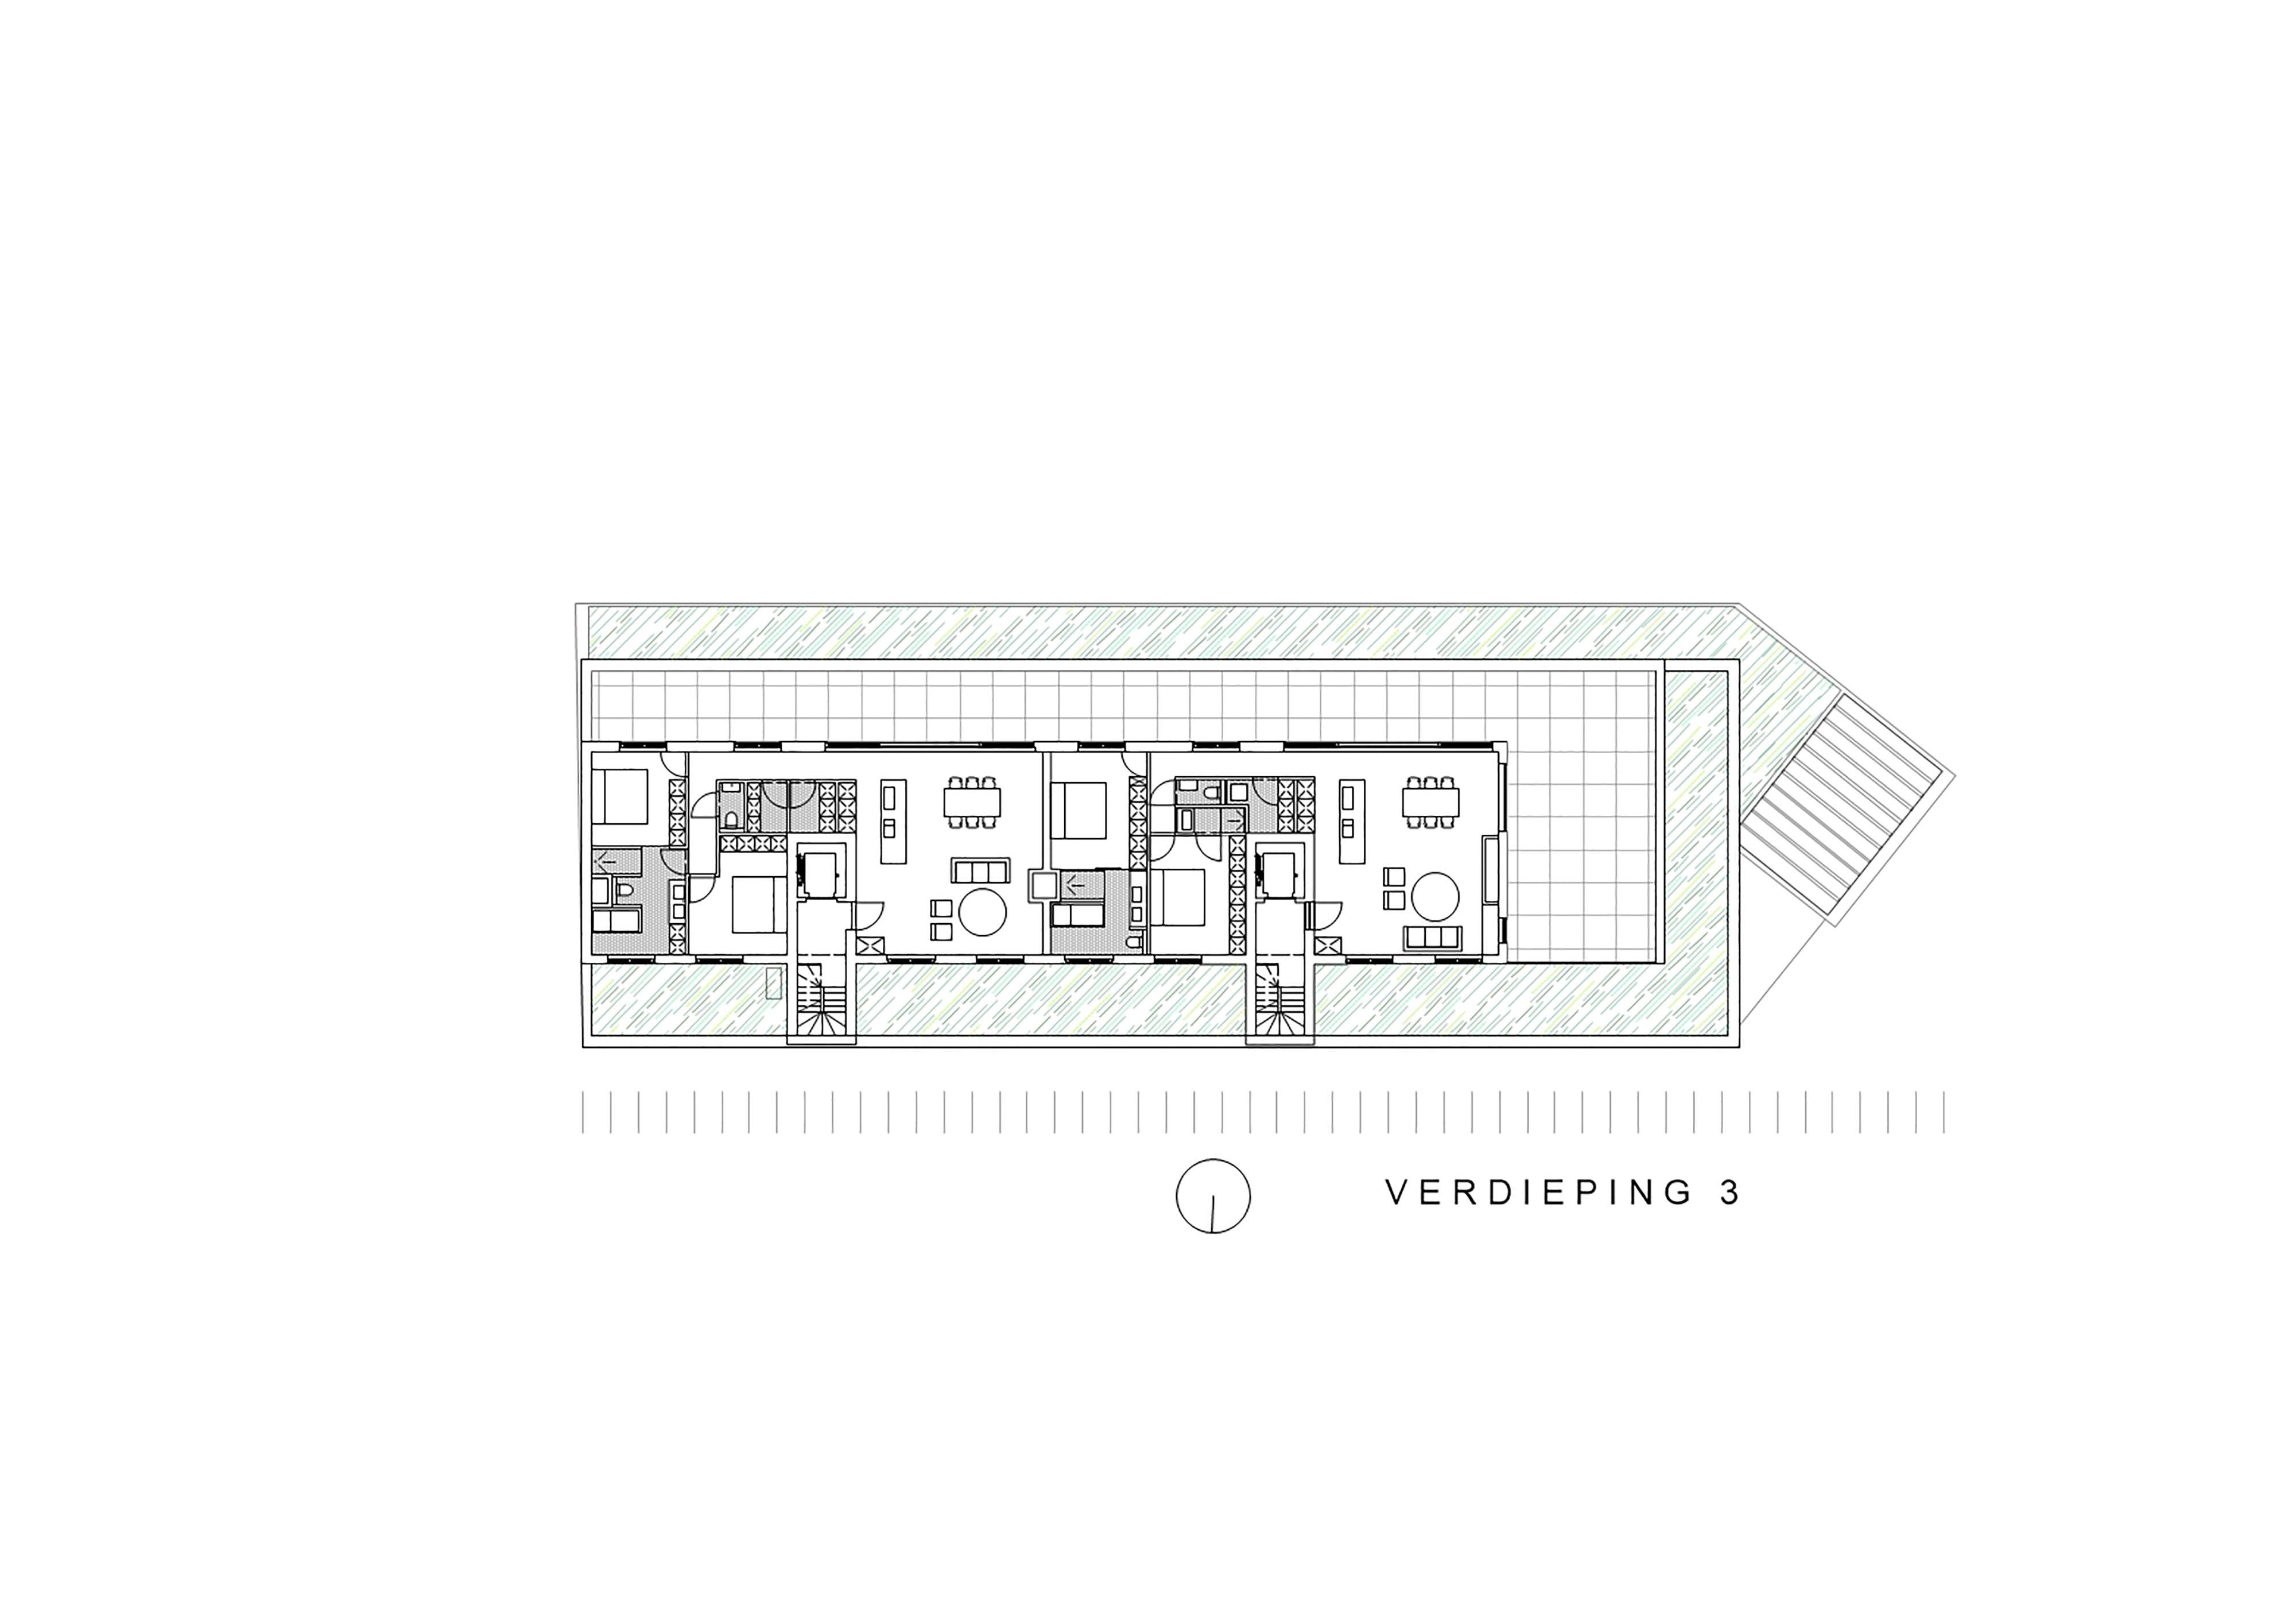 verdieping 3 appartementen